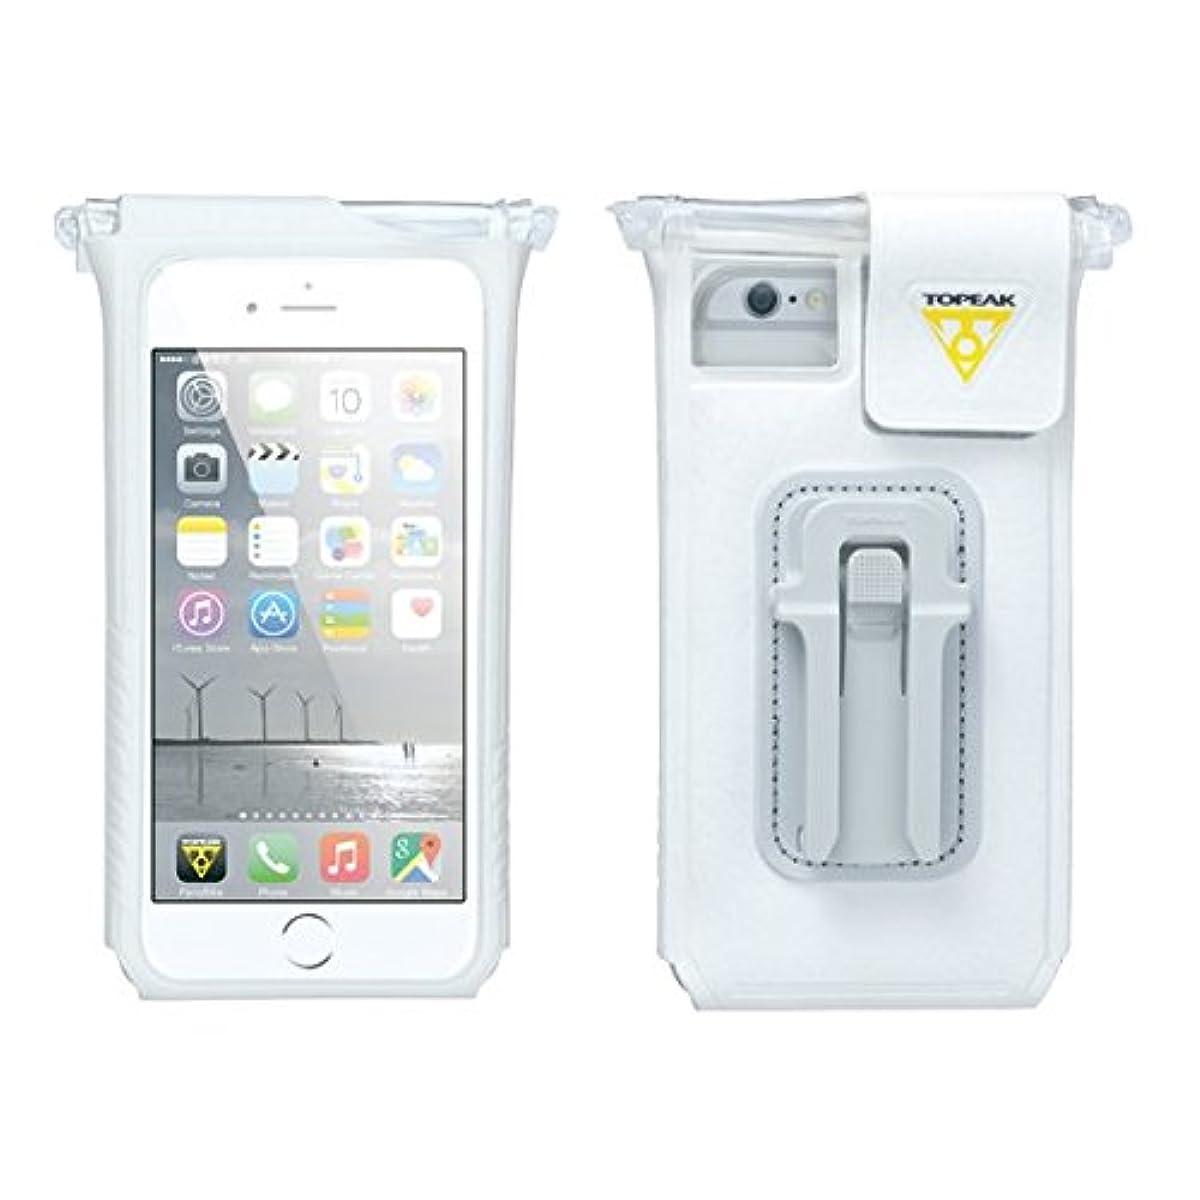 [해외] 도피쿠 스마트 폰 드라이버구 (iPhon 6Plus용) 화이트(BAG31601)